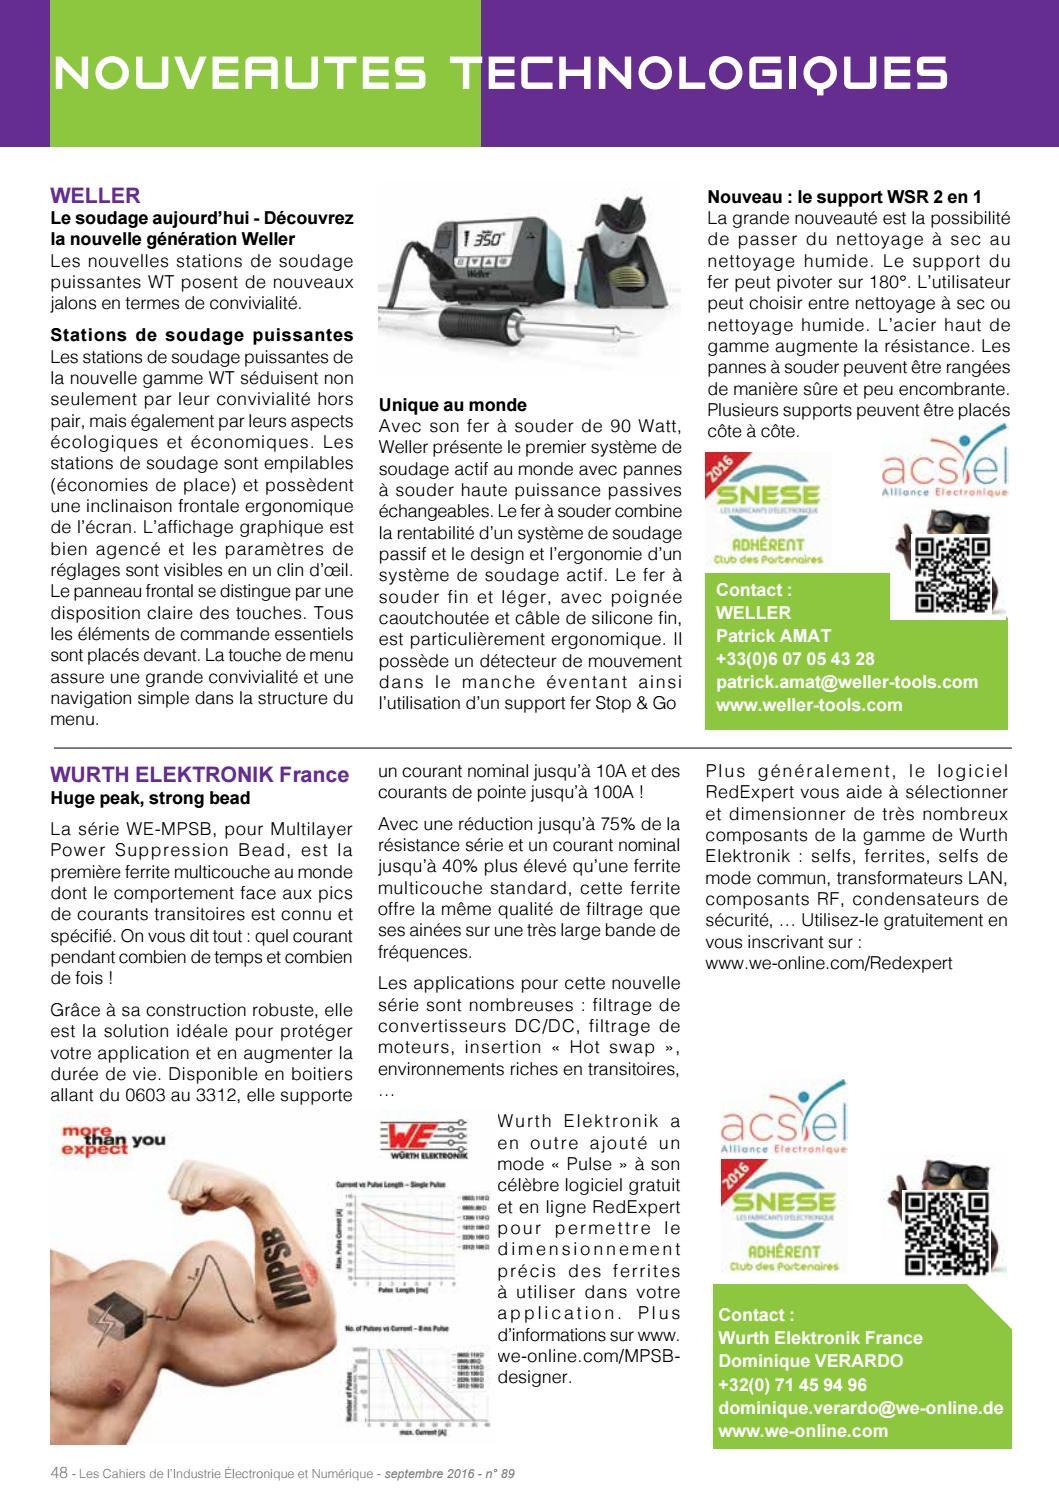 LES CAHIERS DE L'INDUSTRIE ELECTRONIQUE & NUMERIQUE N° 89 by